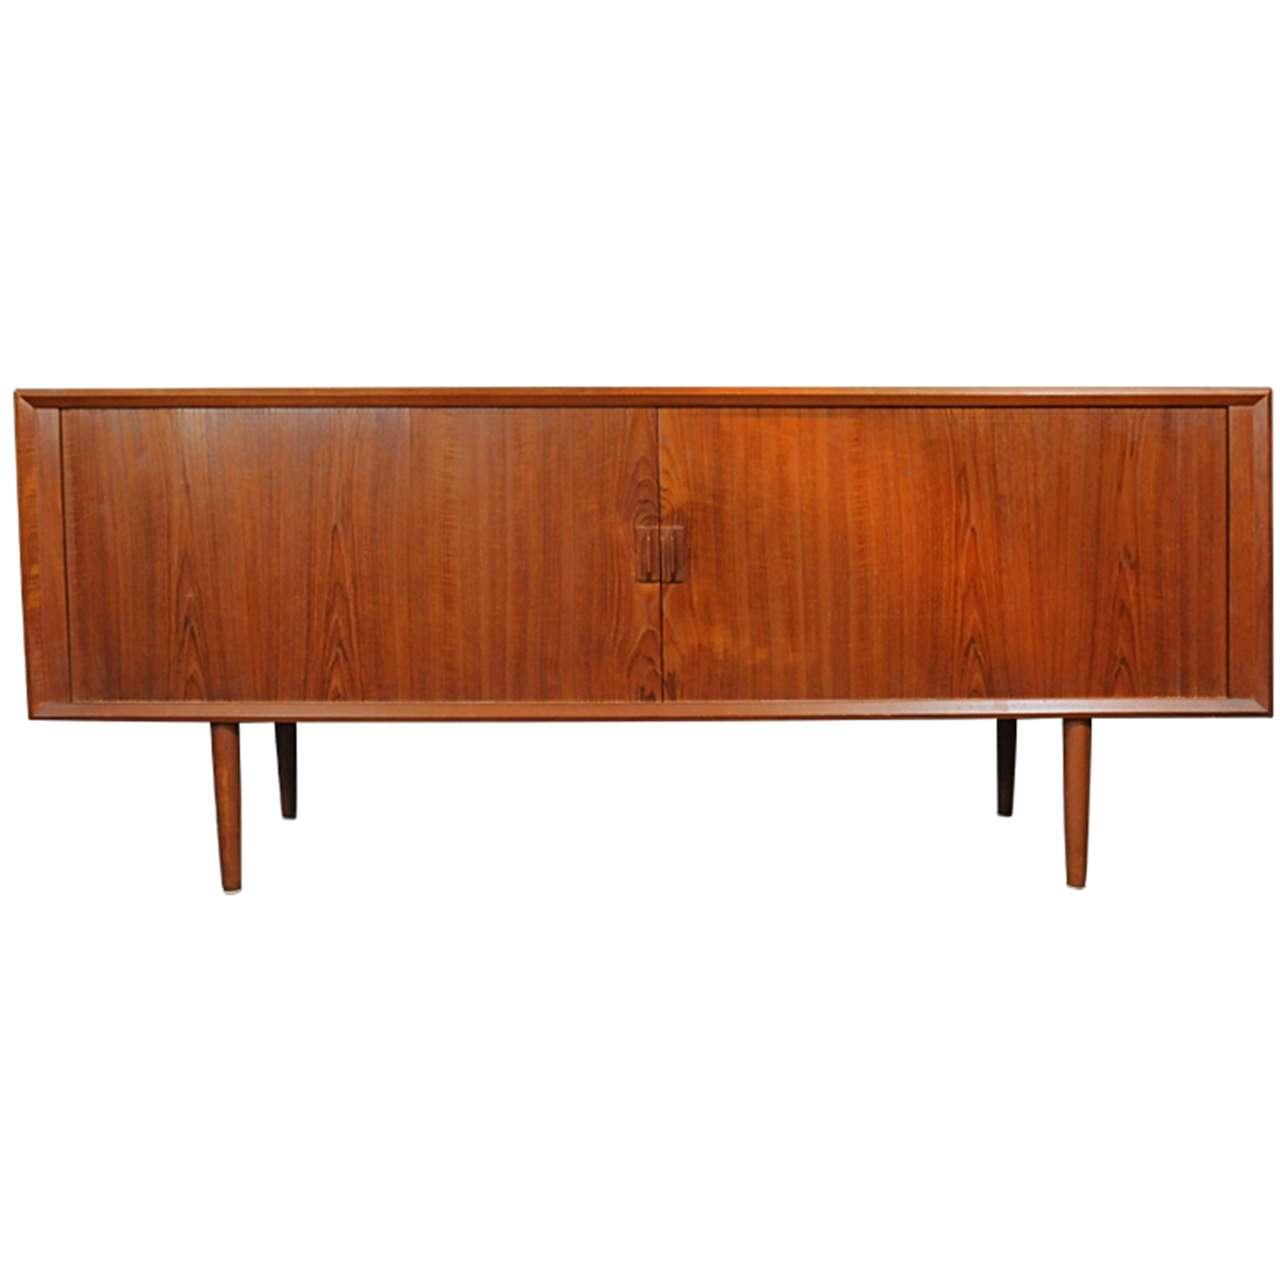 rare tambour door sideboard by arne vodder for sibast at 1stdibs. Black Bedroom Furniture Sets. Home Design Ideas